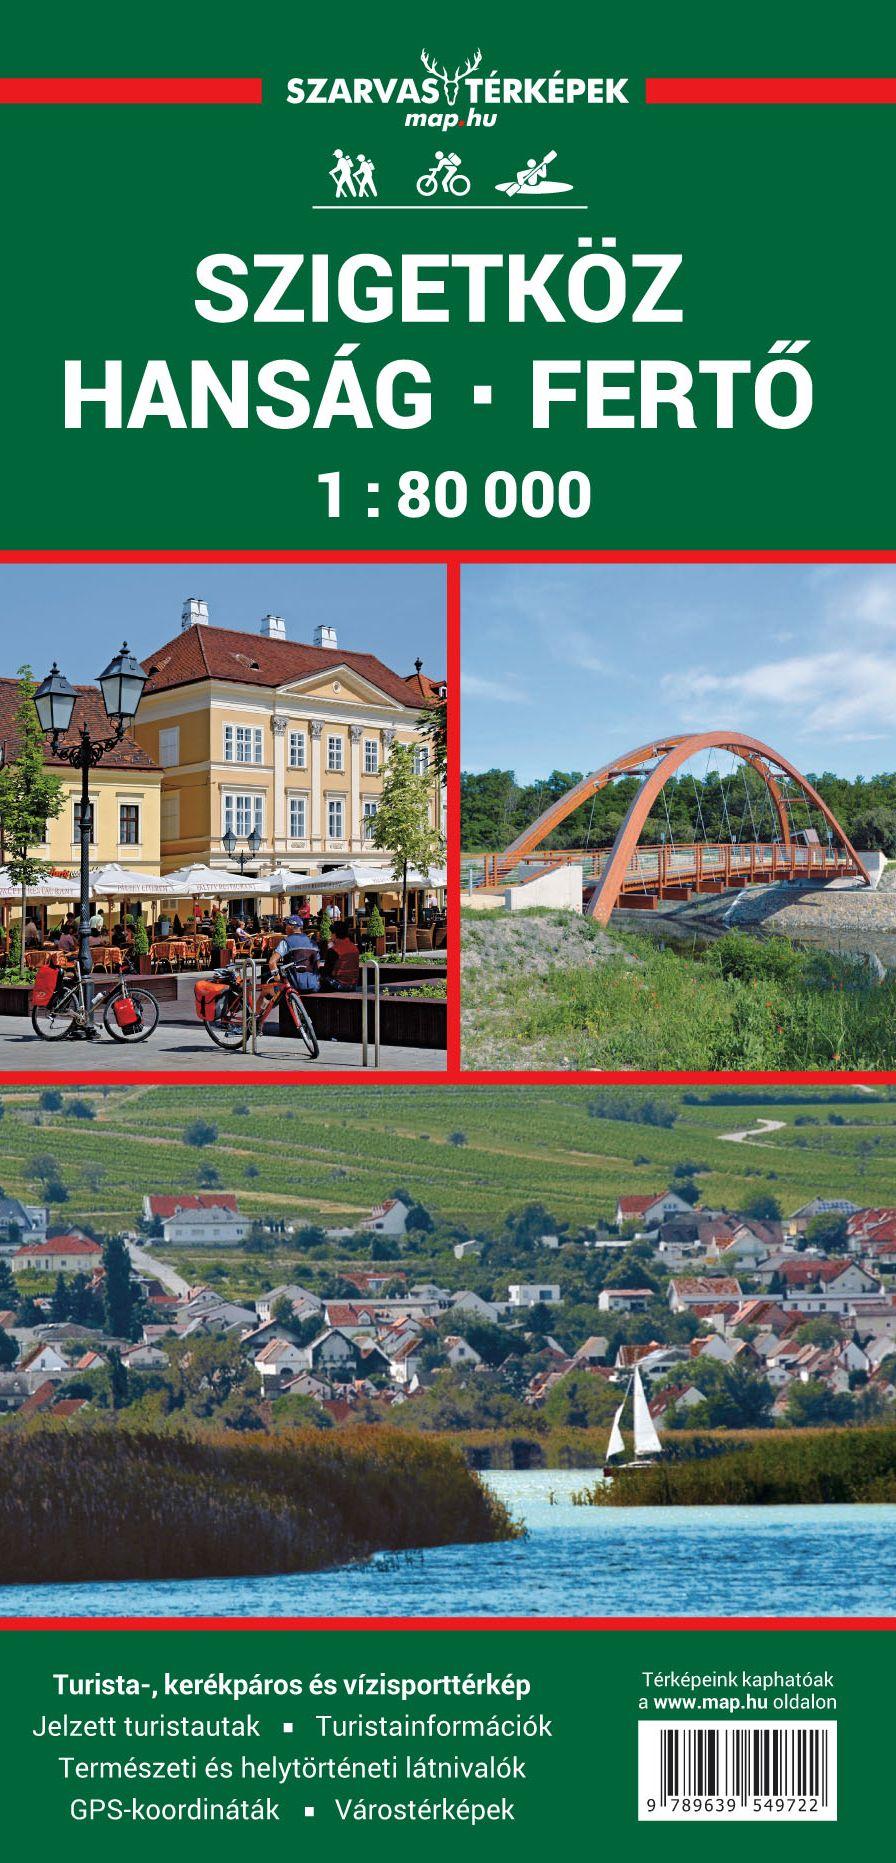 Kétoldlalas turista-, kerékpáros-, vizisportés szabadidőtérkép Magyarország és a határmente legkönyebben biciklizhető részéről Minden, ami Fertő-tó: http://ferto-to.lap.hu/